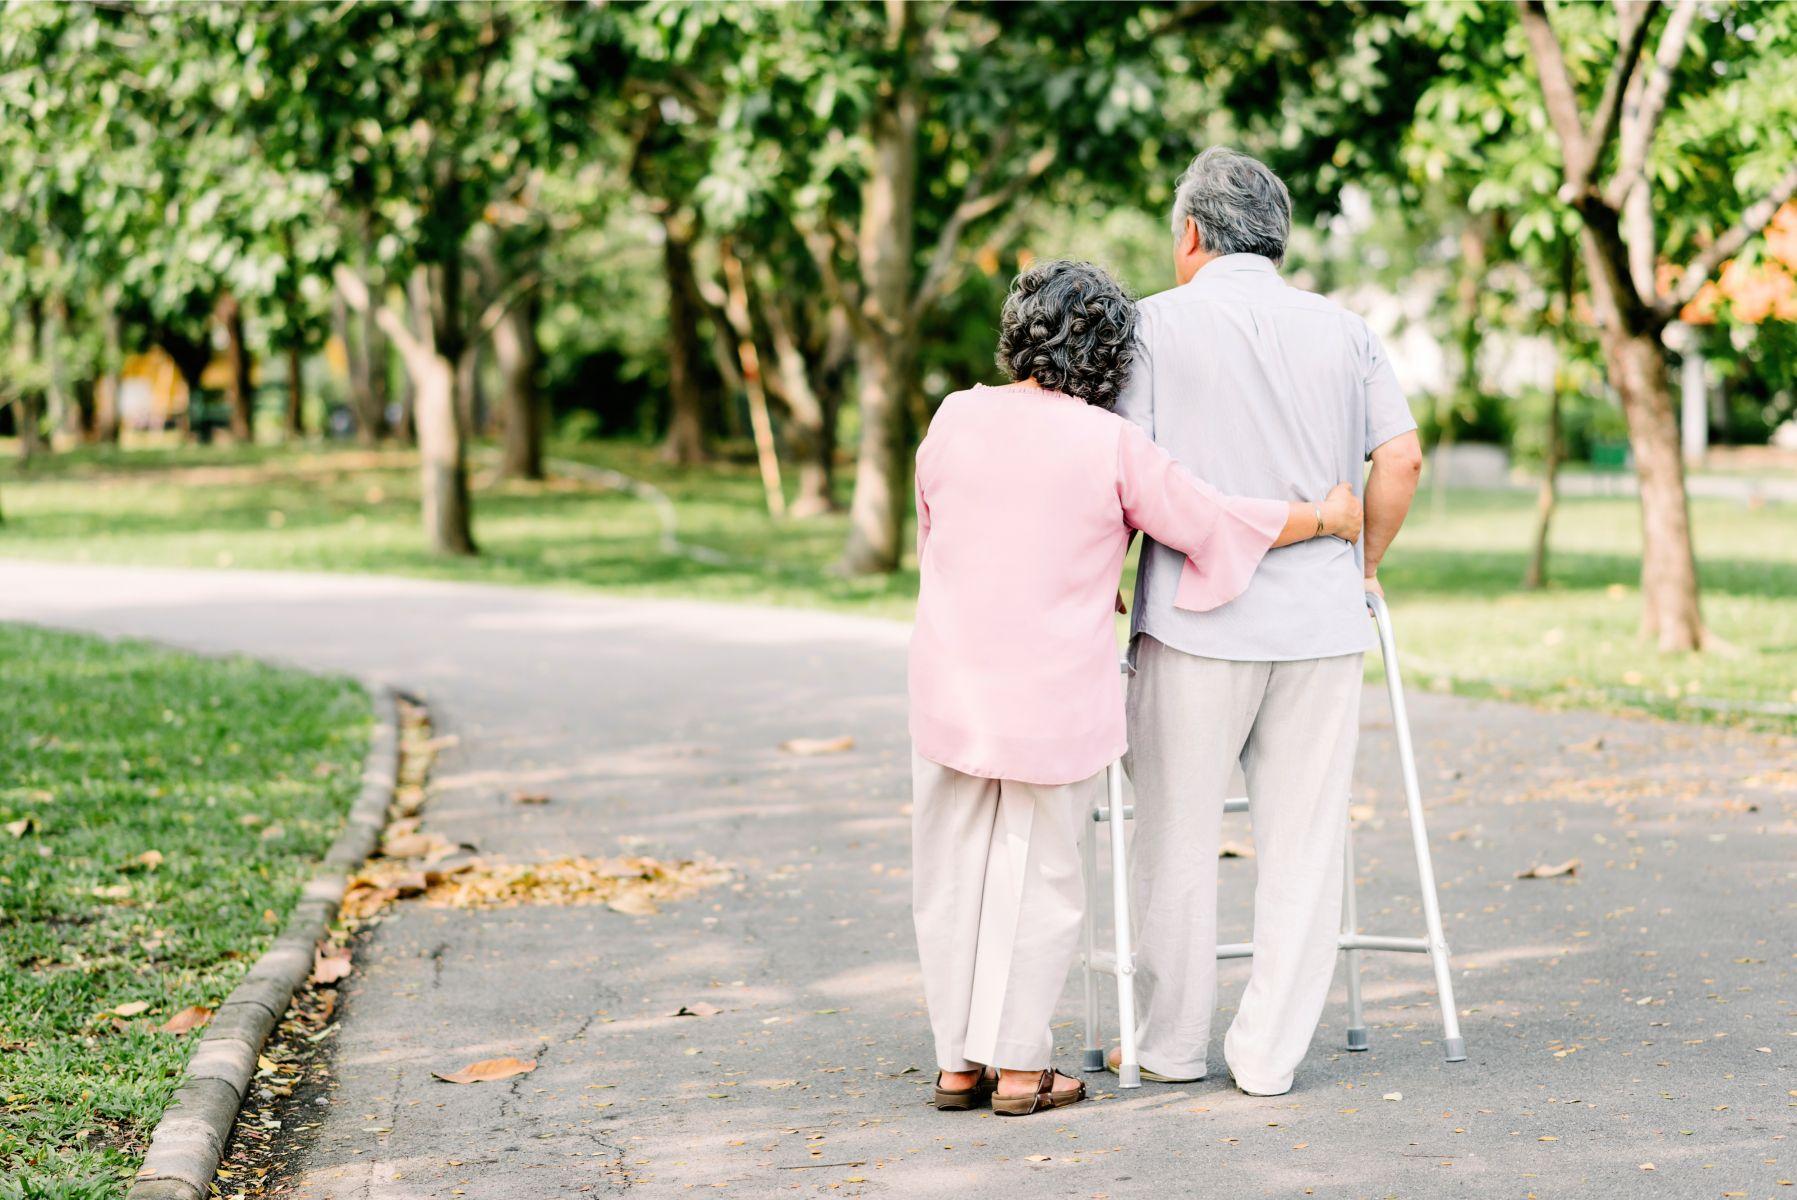 婚姻關係》愛情長跑!只要一句話,就能療癒漫長的夫妻關係